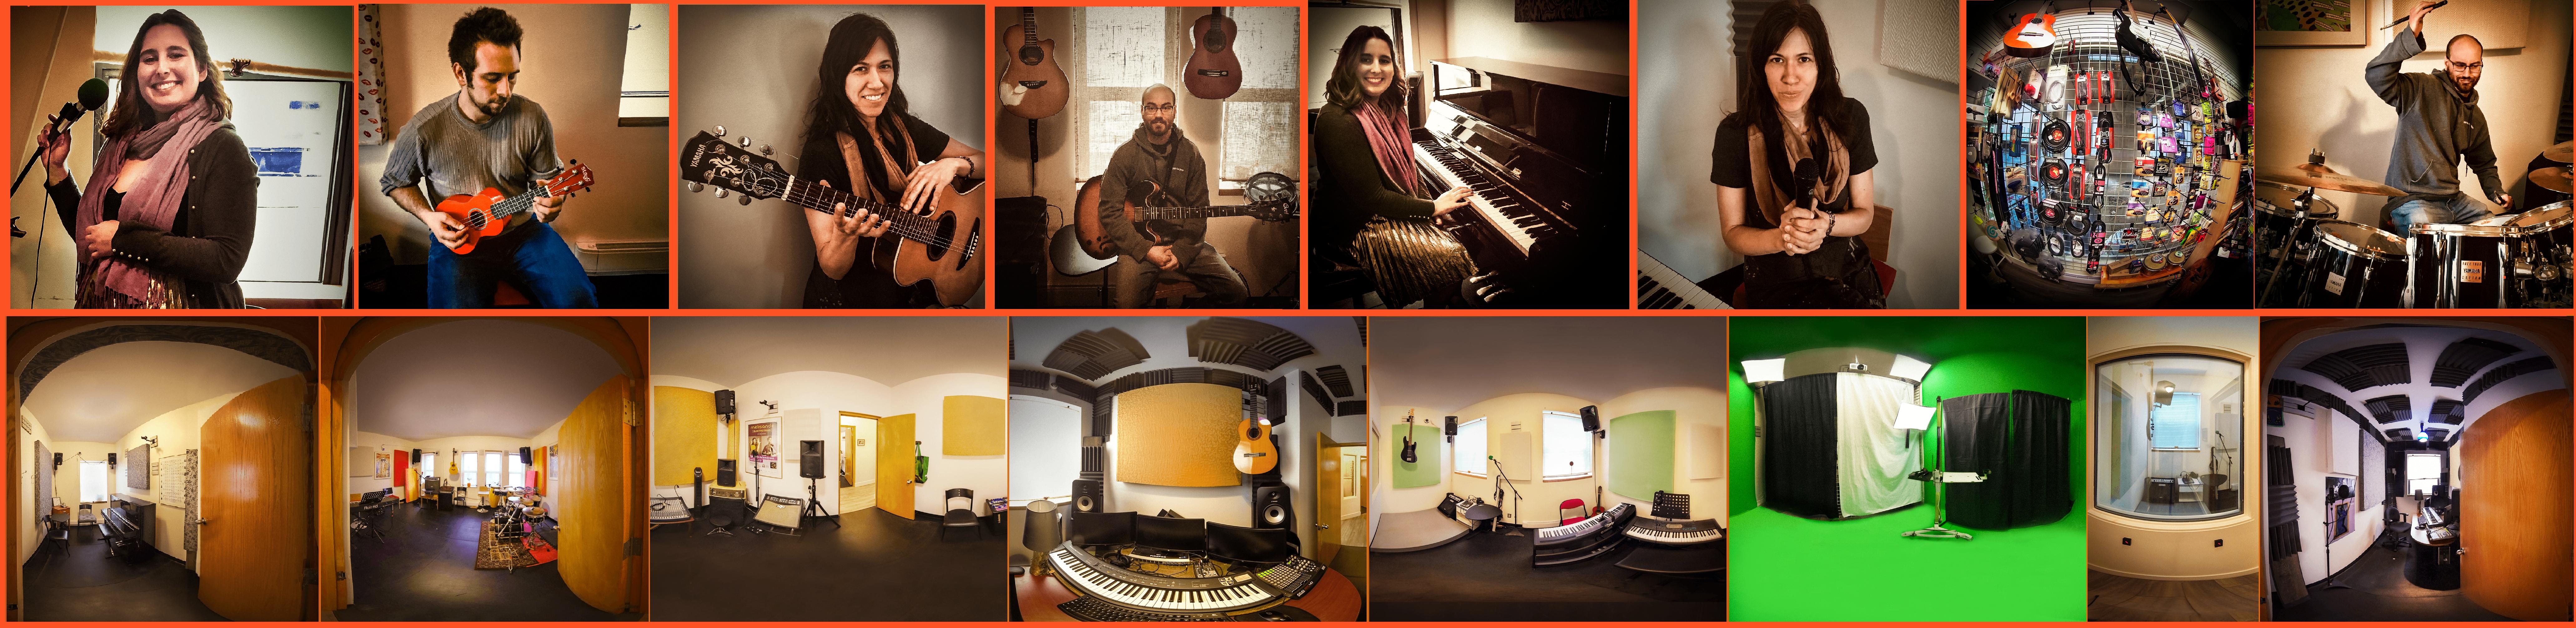 Cours de musique, studios de pratique, boutique Lachine